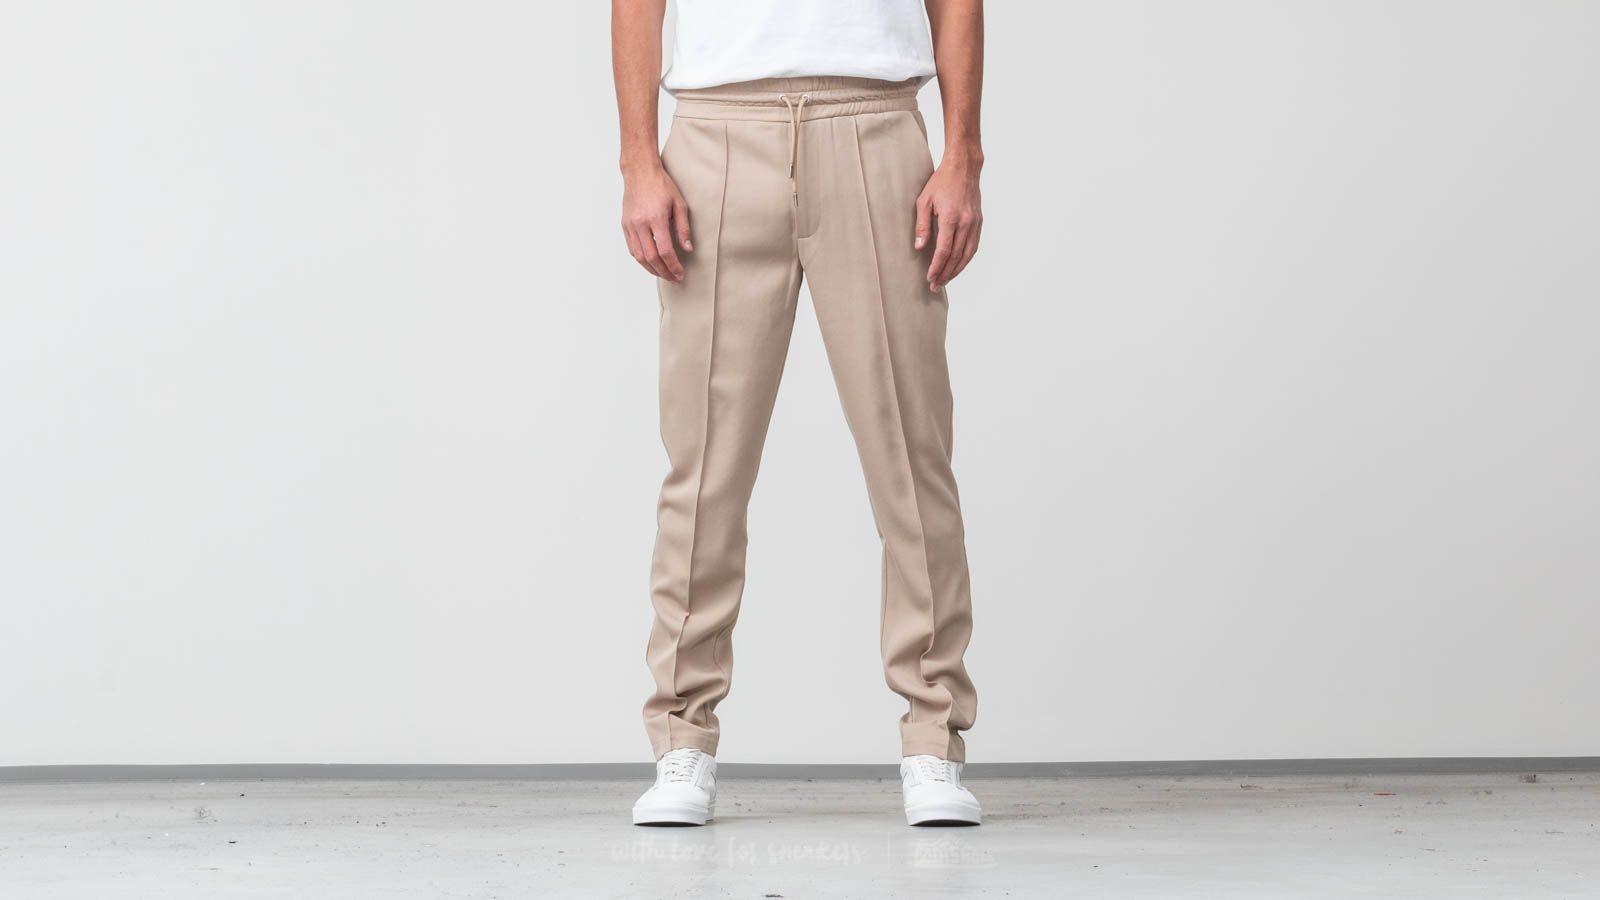 AXEL ARIGATO Kuro Trousers Beige za skvělou cenu 1 670 Kč koupíte na Footshop.cz